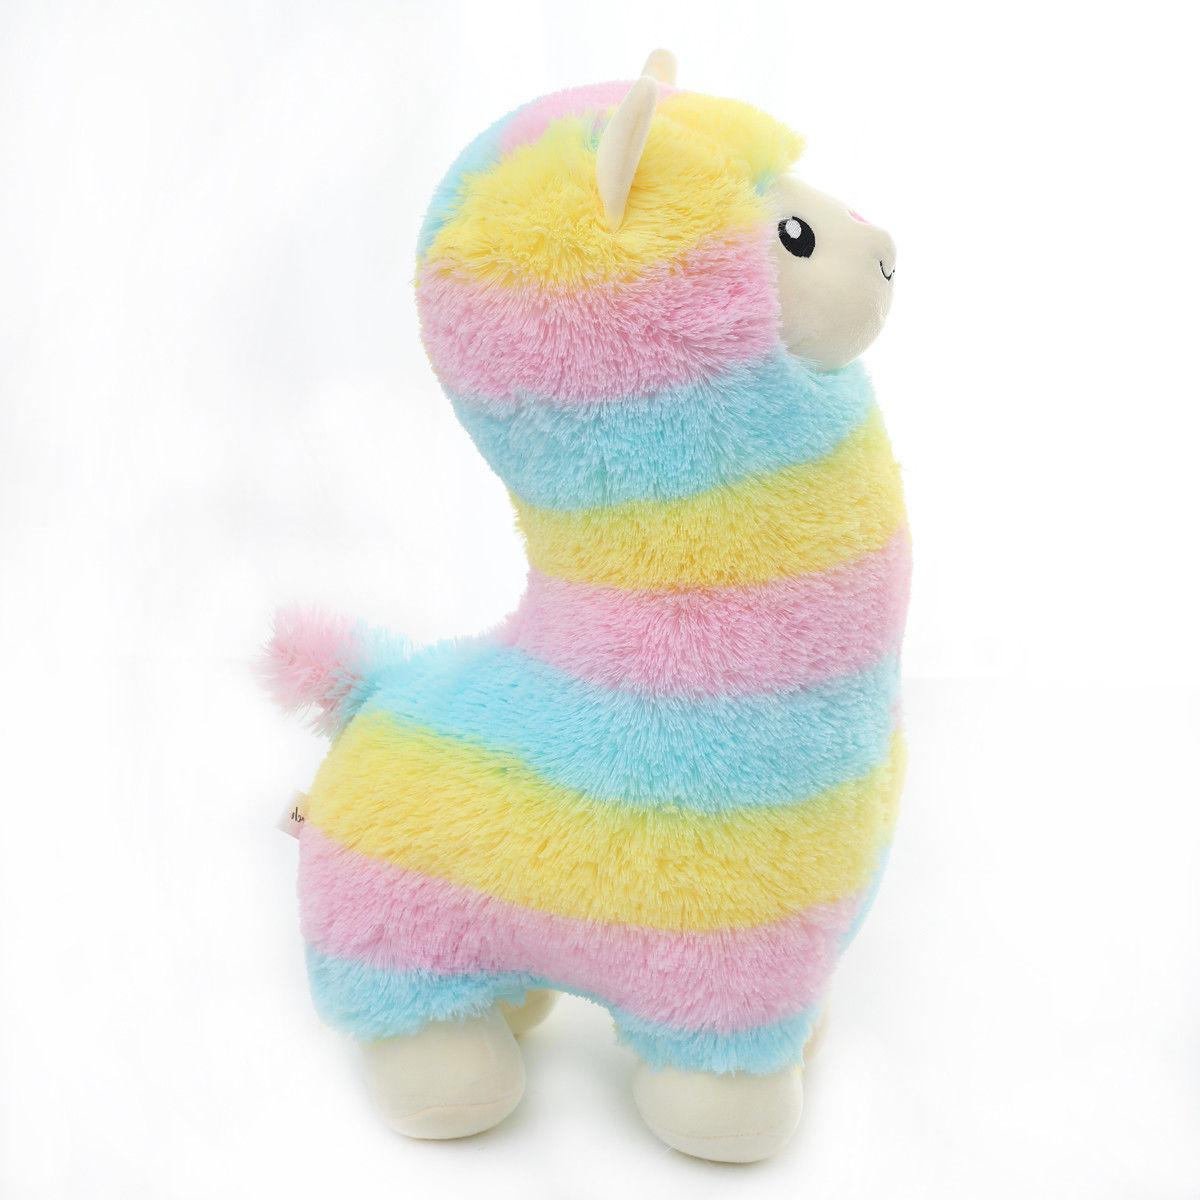 Winsterch Toy Llama Animal 17.7